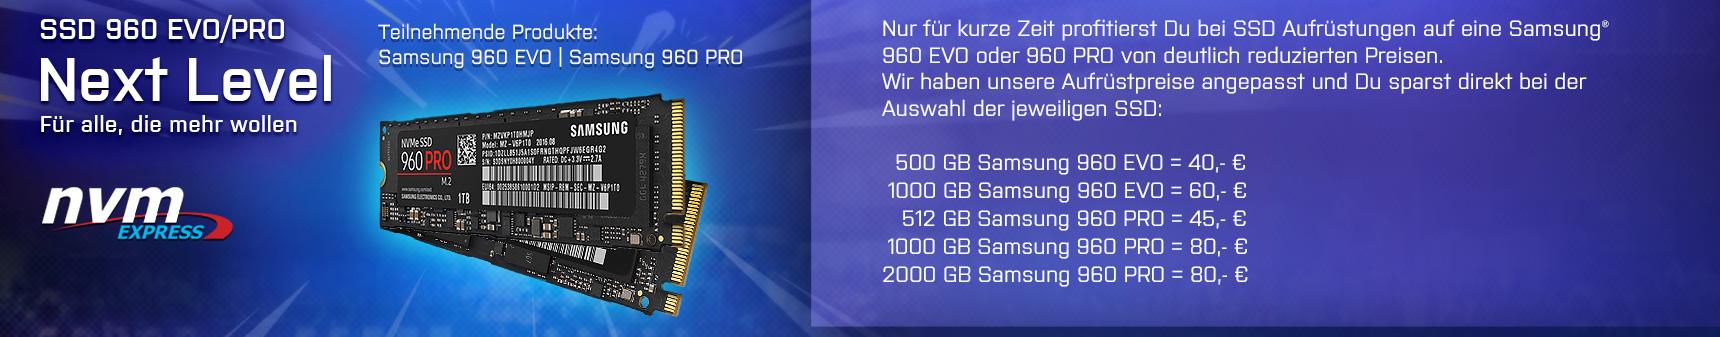 Samsung m.2-Rabatt Gamescom 2017- Aktionstext - Nur für kurze Zeit profitierst Du bei SSD Aufrüstungen auf eine Samsung® 960 EVO oder 960 PRO von deutlich reduzierten Preisen.